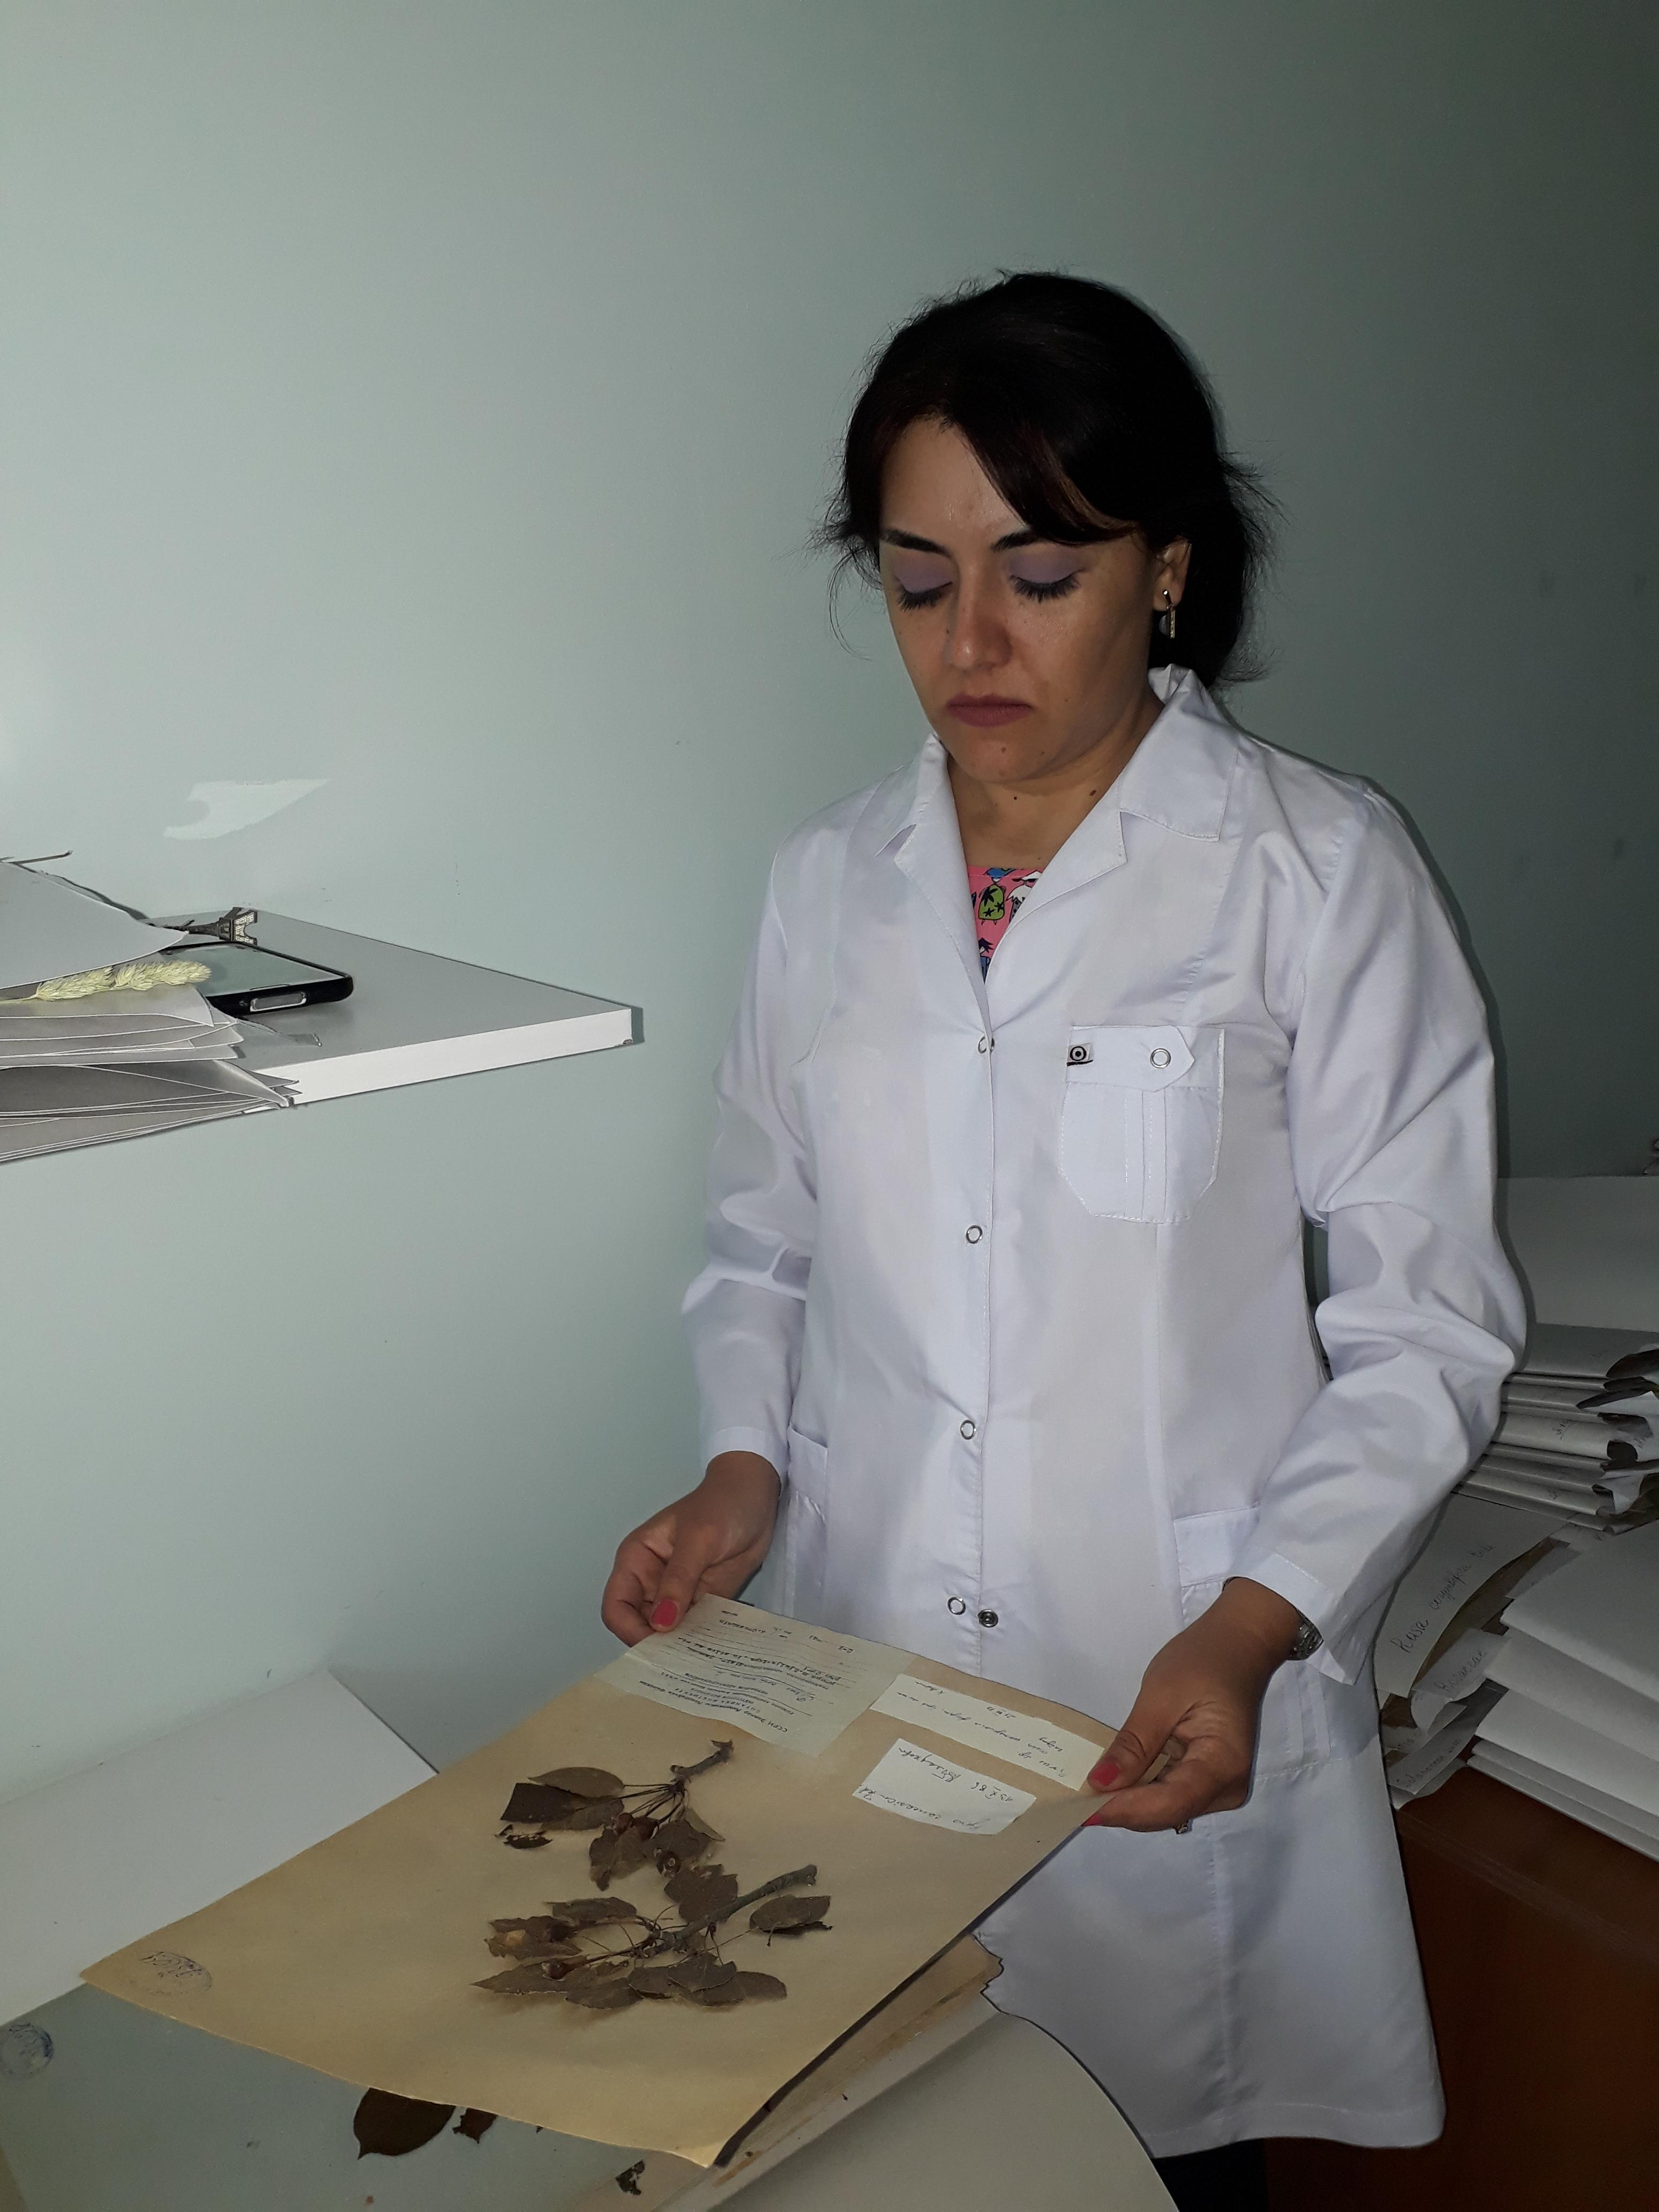 AMEA Botanika İnstitutunun gənc mütəxəssisi beynəlxalq layihədə uğurla iştirak edir